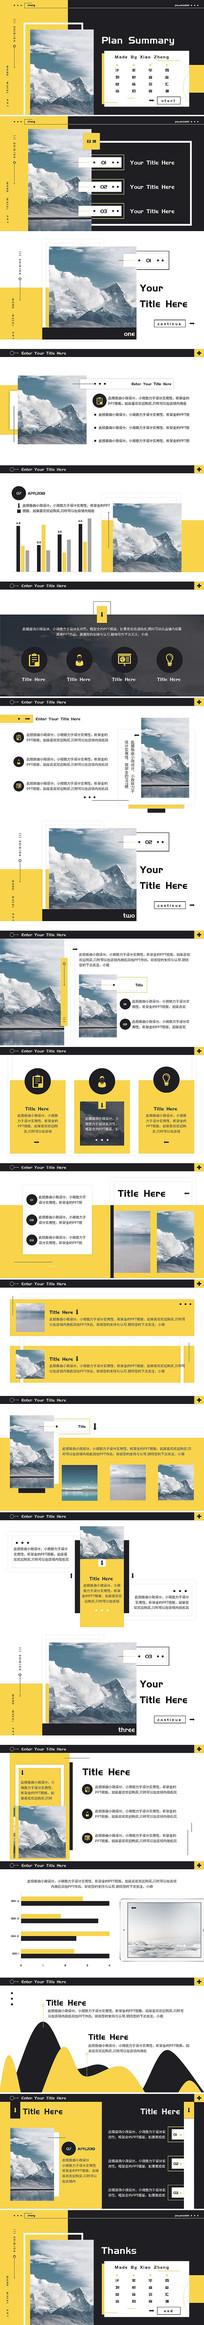 2018红黄高端欧美网页模版